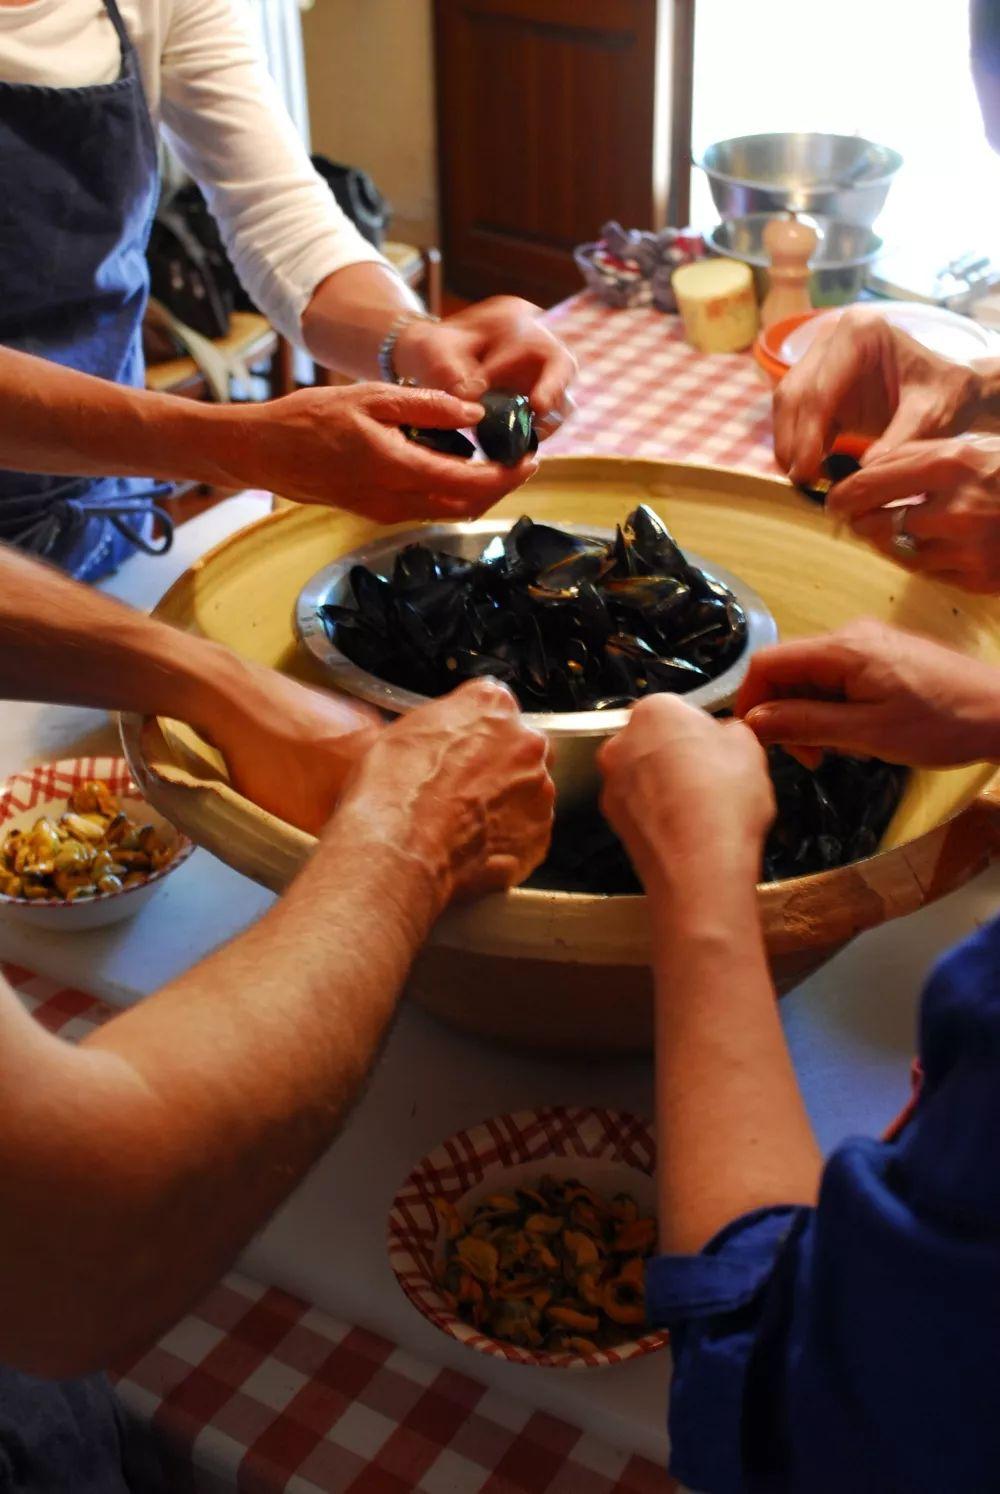 蓝莓评测 | 还在排网红店?我已经跟主厨一起做菜了-蓝莓评测